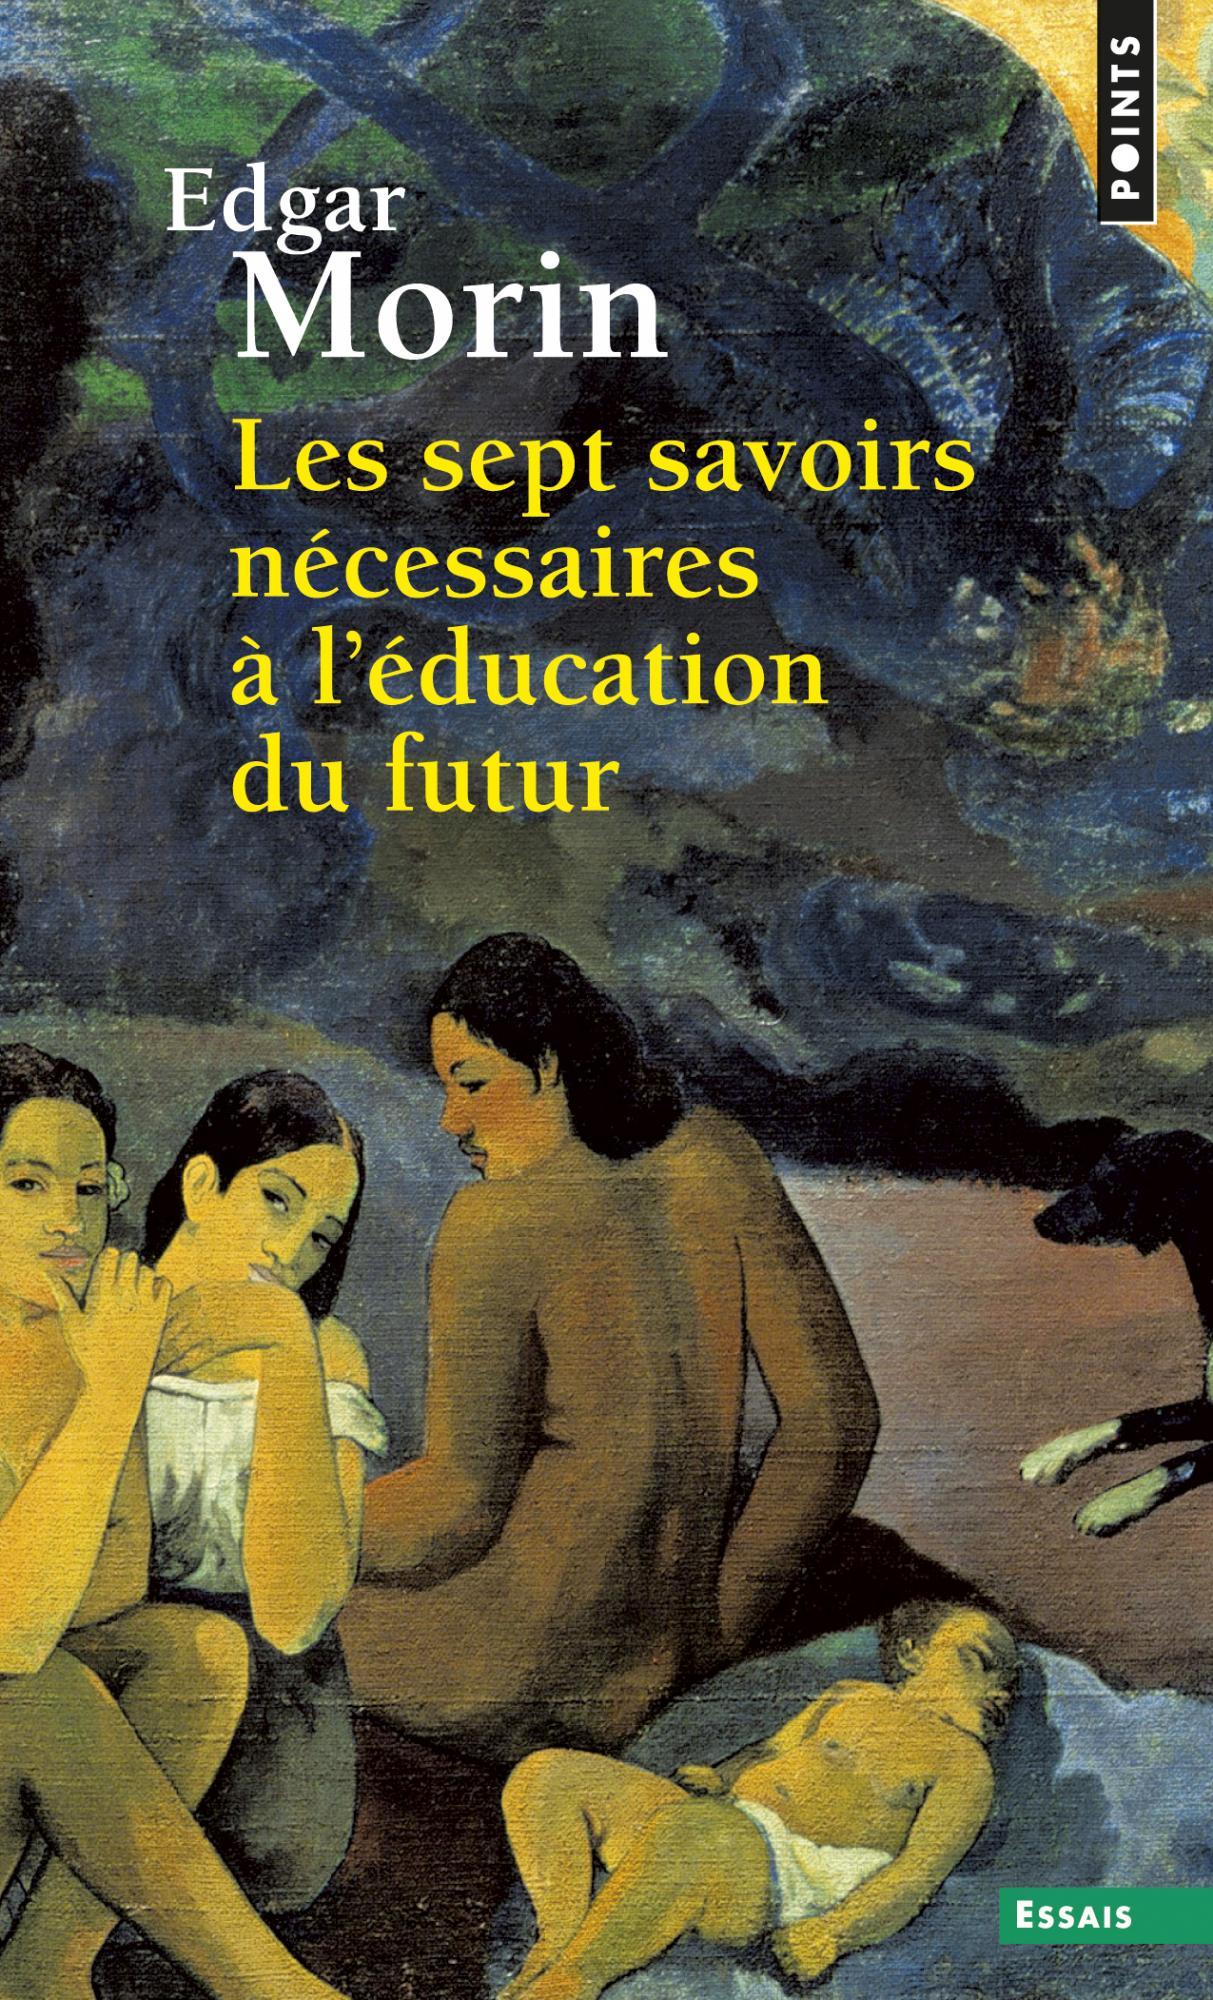 (2017) J-P Petit & J-C Bourret : Ovnis, l'extraordinaire découverte. - Page 7 123182_couverture_Hres_0